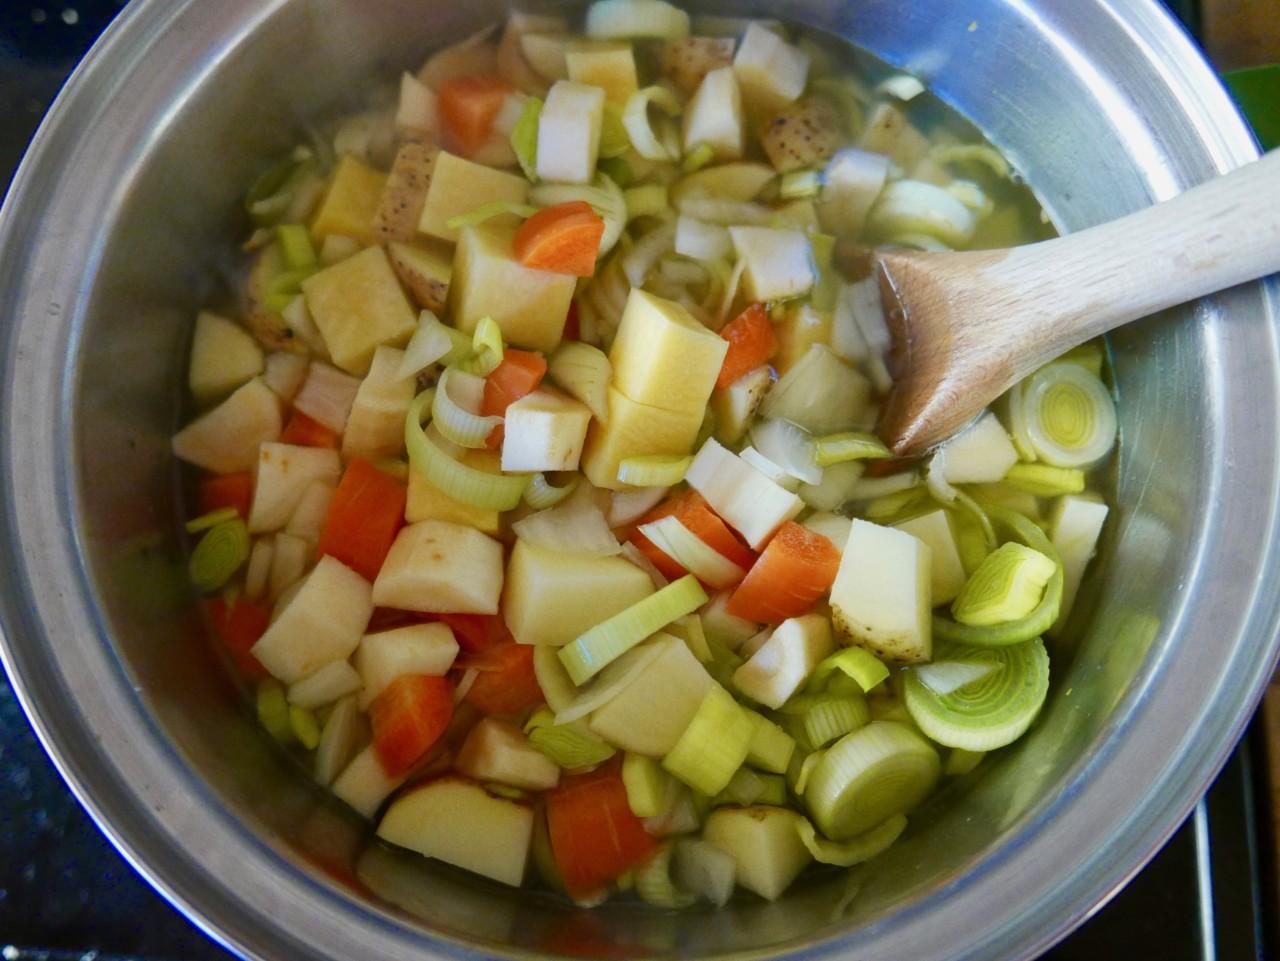 gronnsaker-suppe-vegetable-soup-green-house